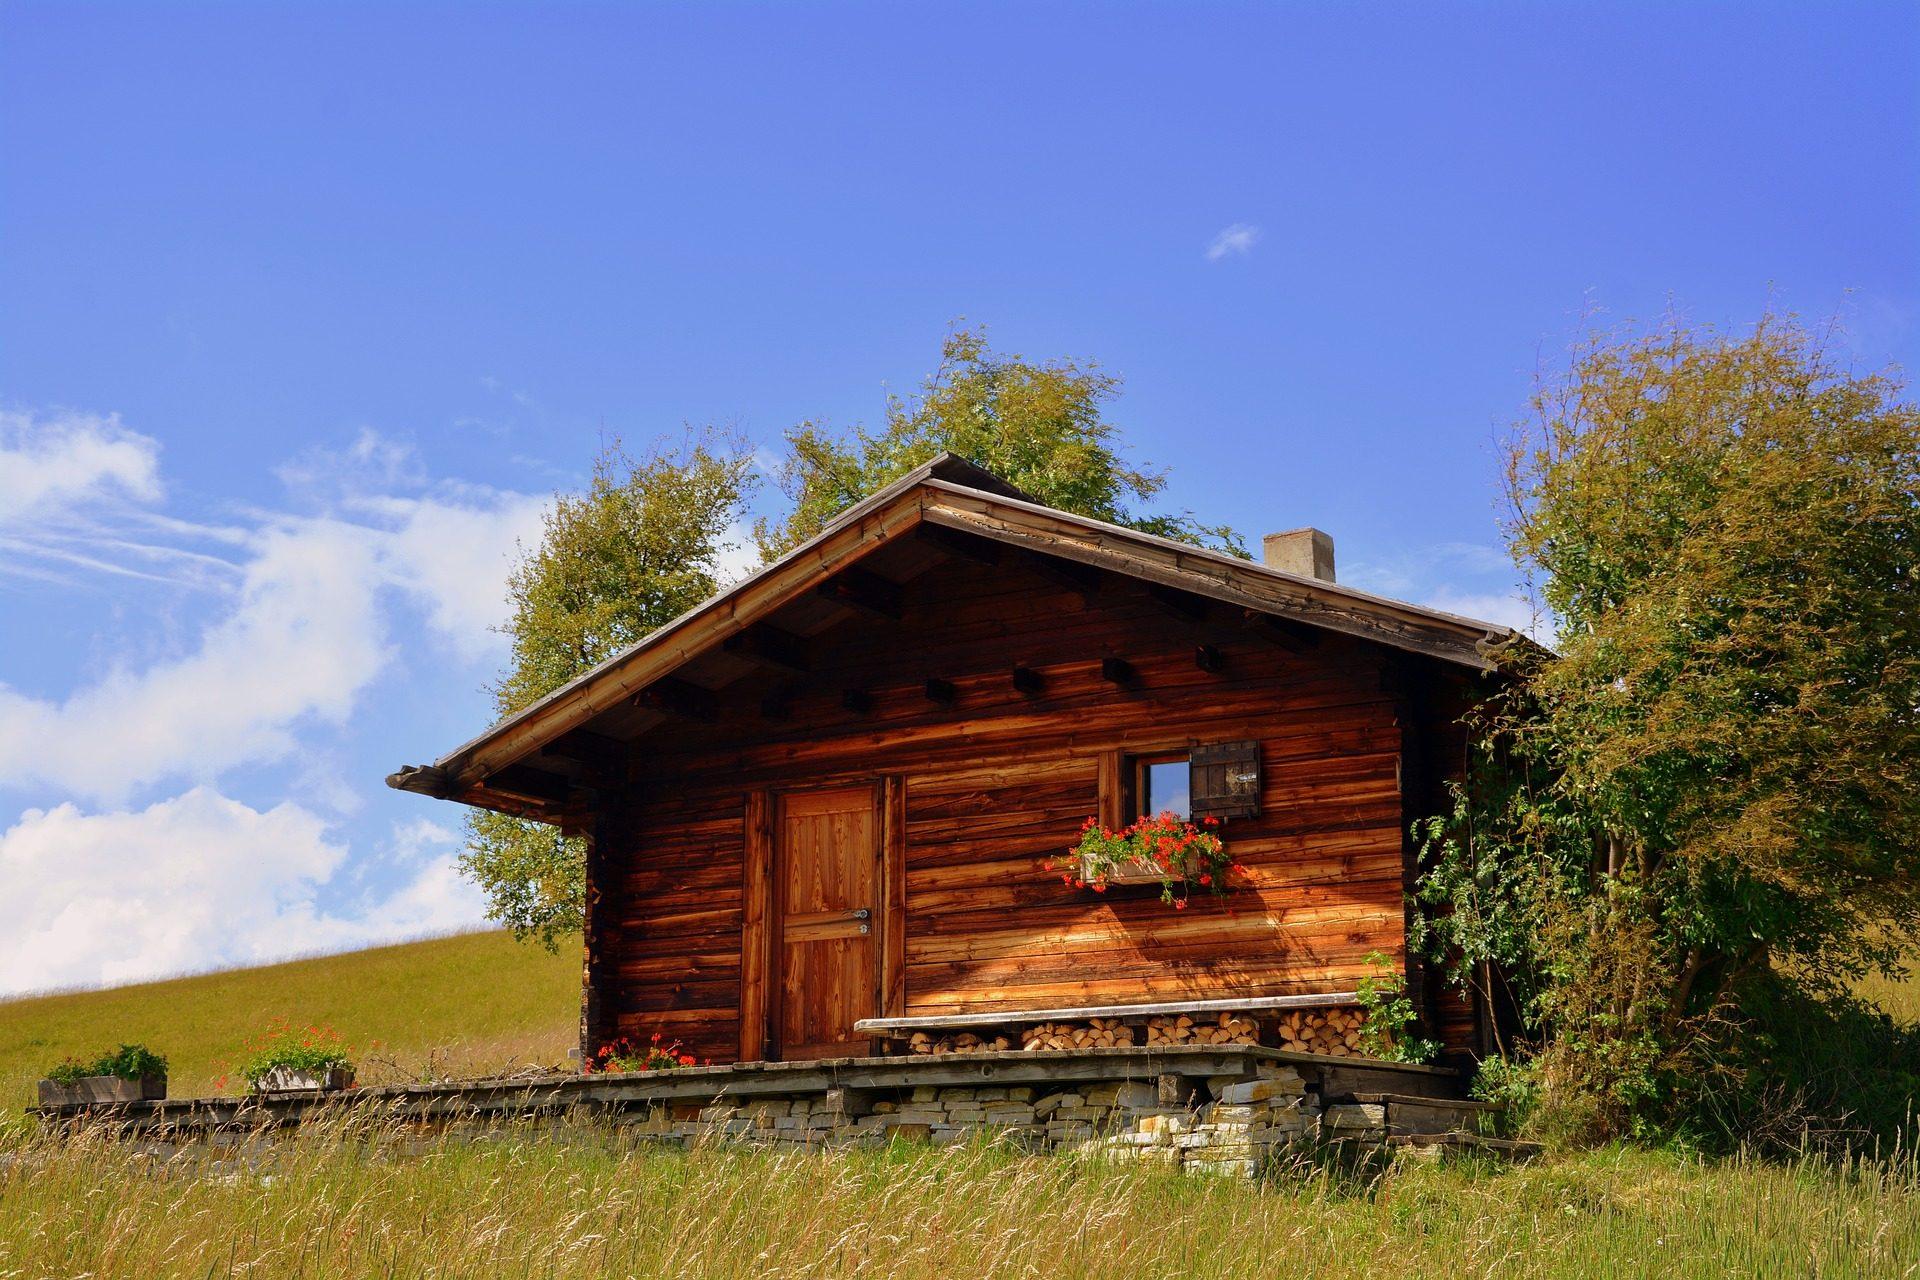 المنزل, المرج, الميدان, الخشب, الأشجار - خلفيات عالية الدقة - أستاذ falken.com